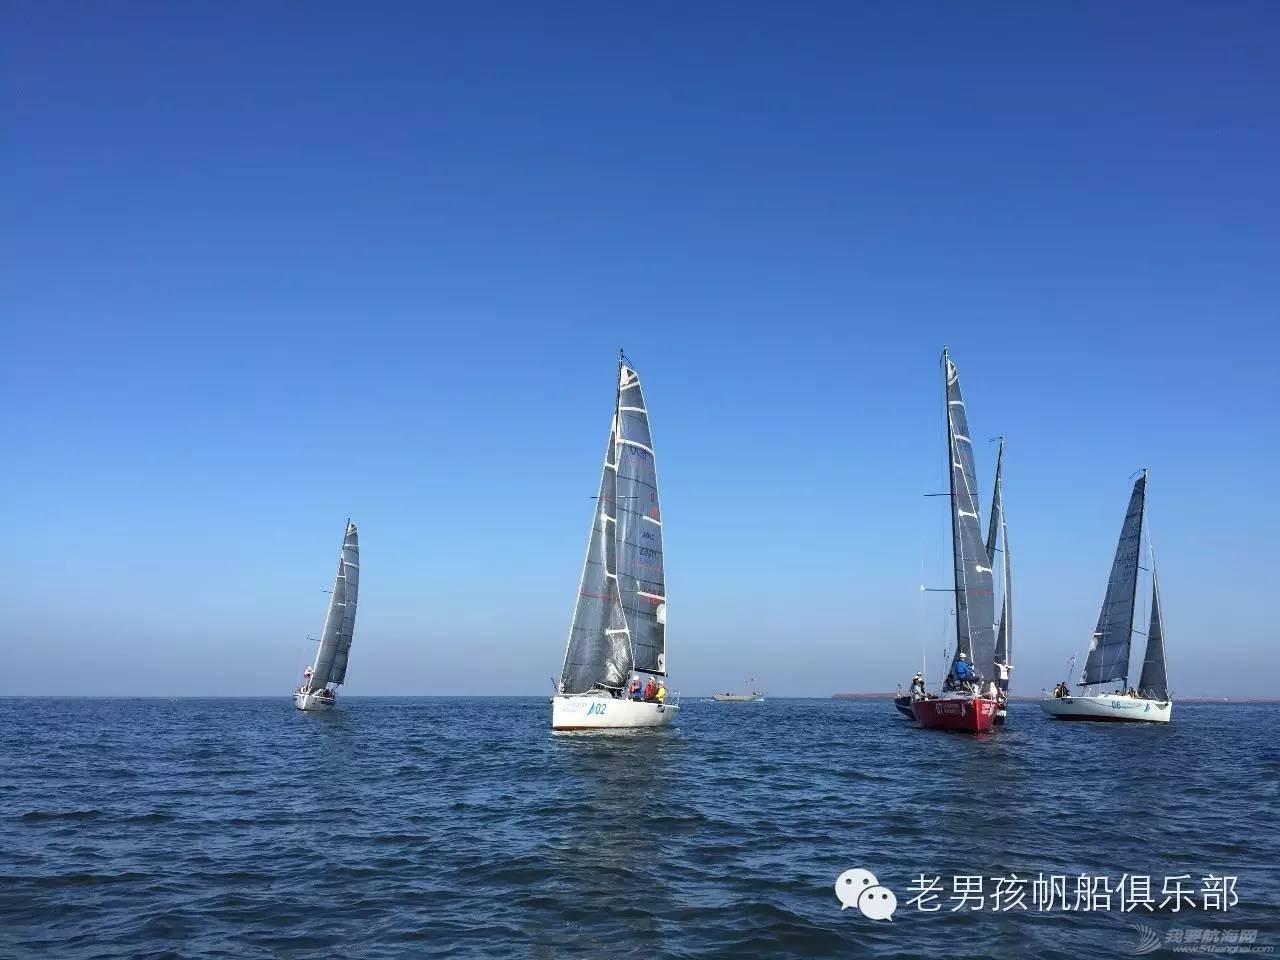 追踪2015环渤海杯,老男孩们明年见! 89e08e584537dae0d7c382934c39ac65.jpg